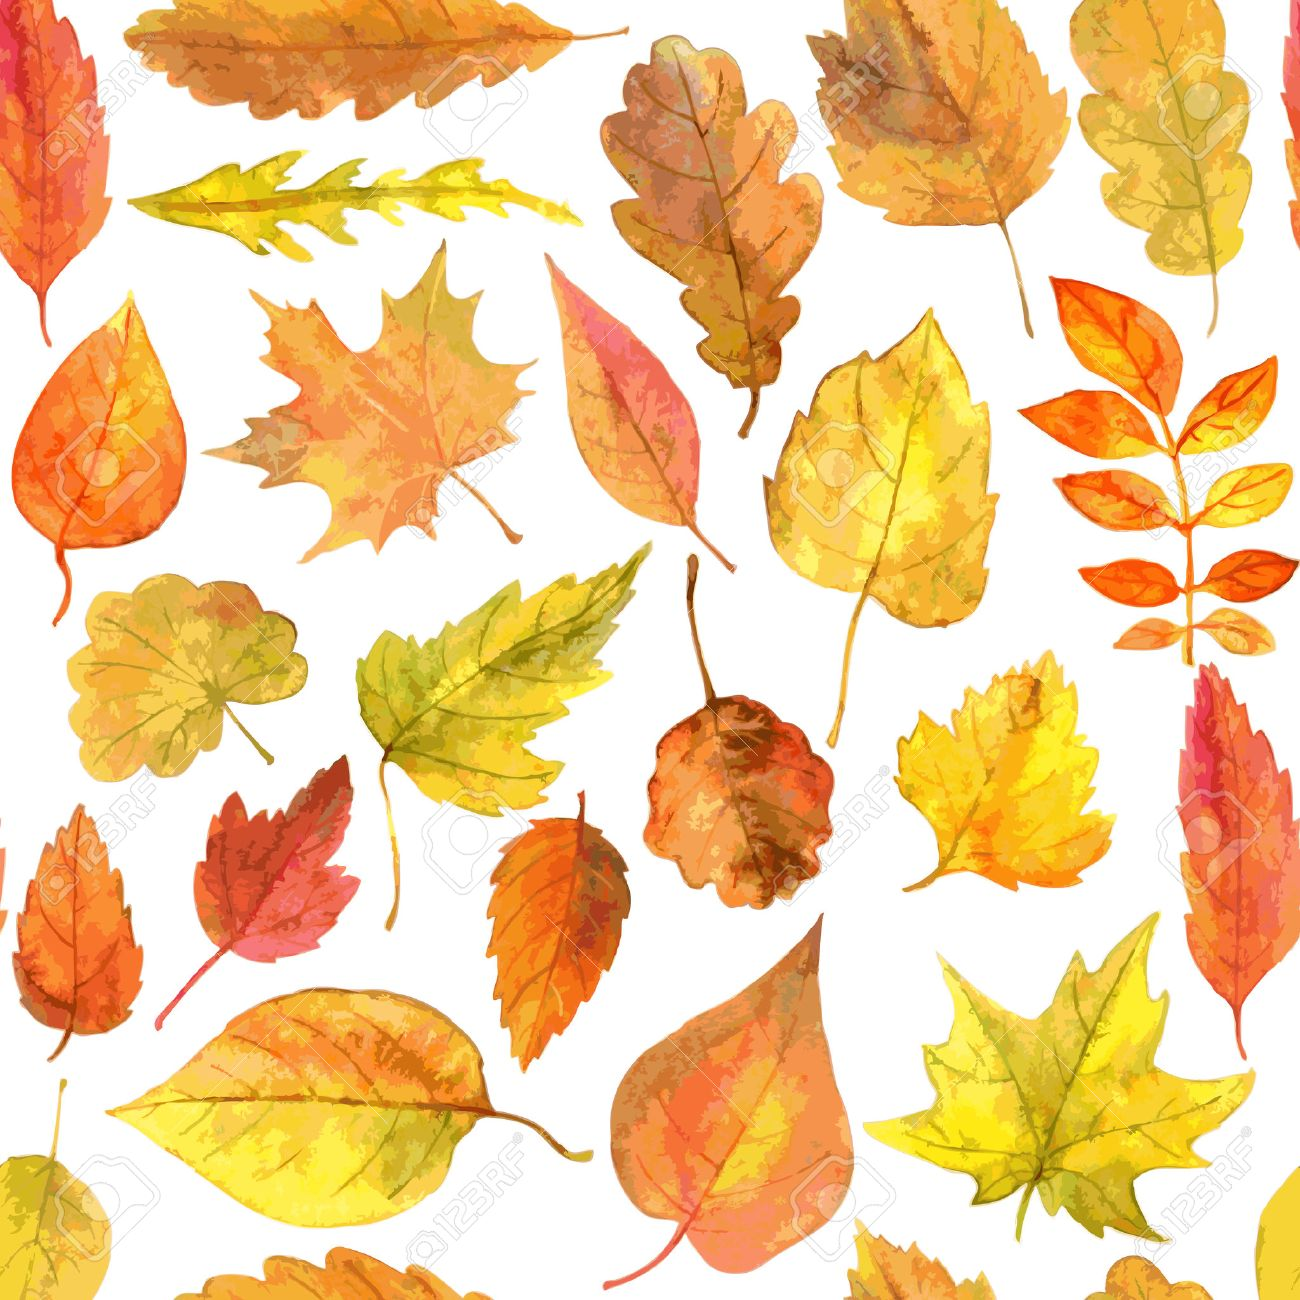 38899414-vecteur-seamless-feuilles-d-automne-dessin-de-aquarelle-éléments-vectoriels-dessinés-à-la-main.jpg